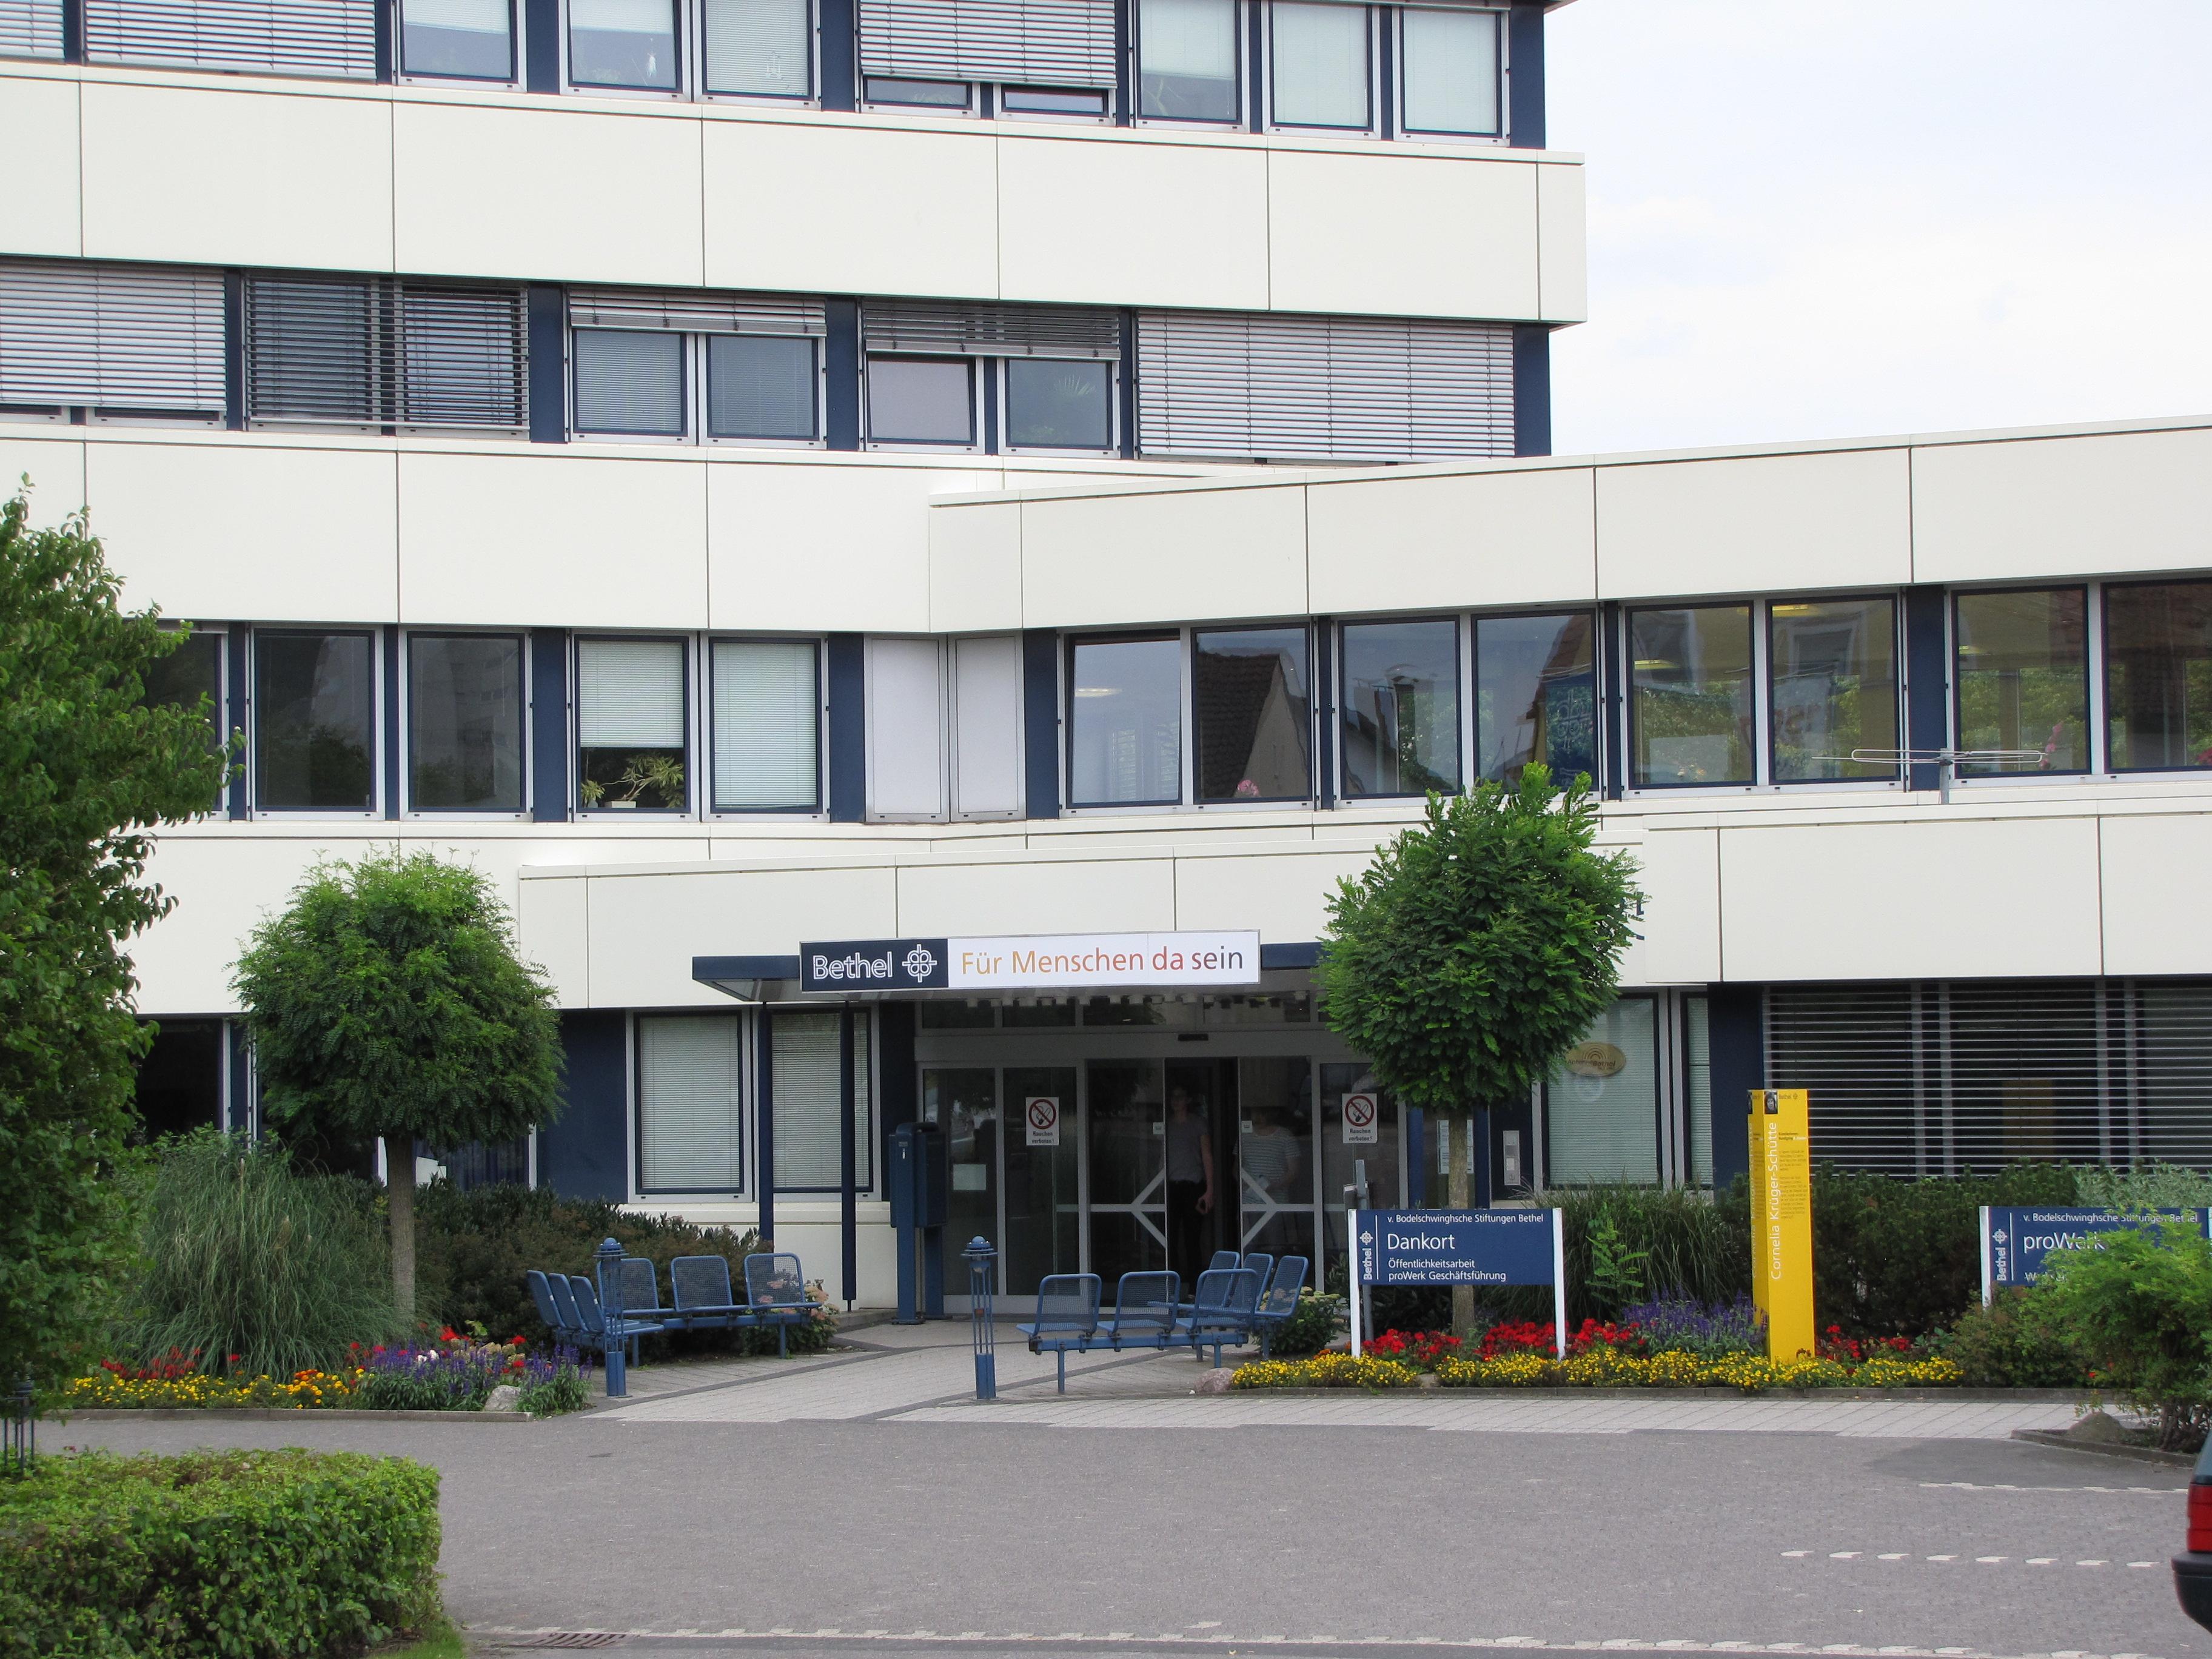 Bethel Bielefeld Bodelschwingsche Anstalten Bielefeld NRW (18)